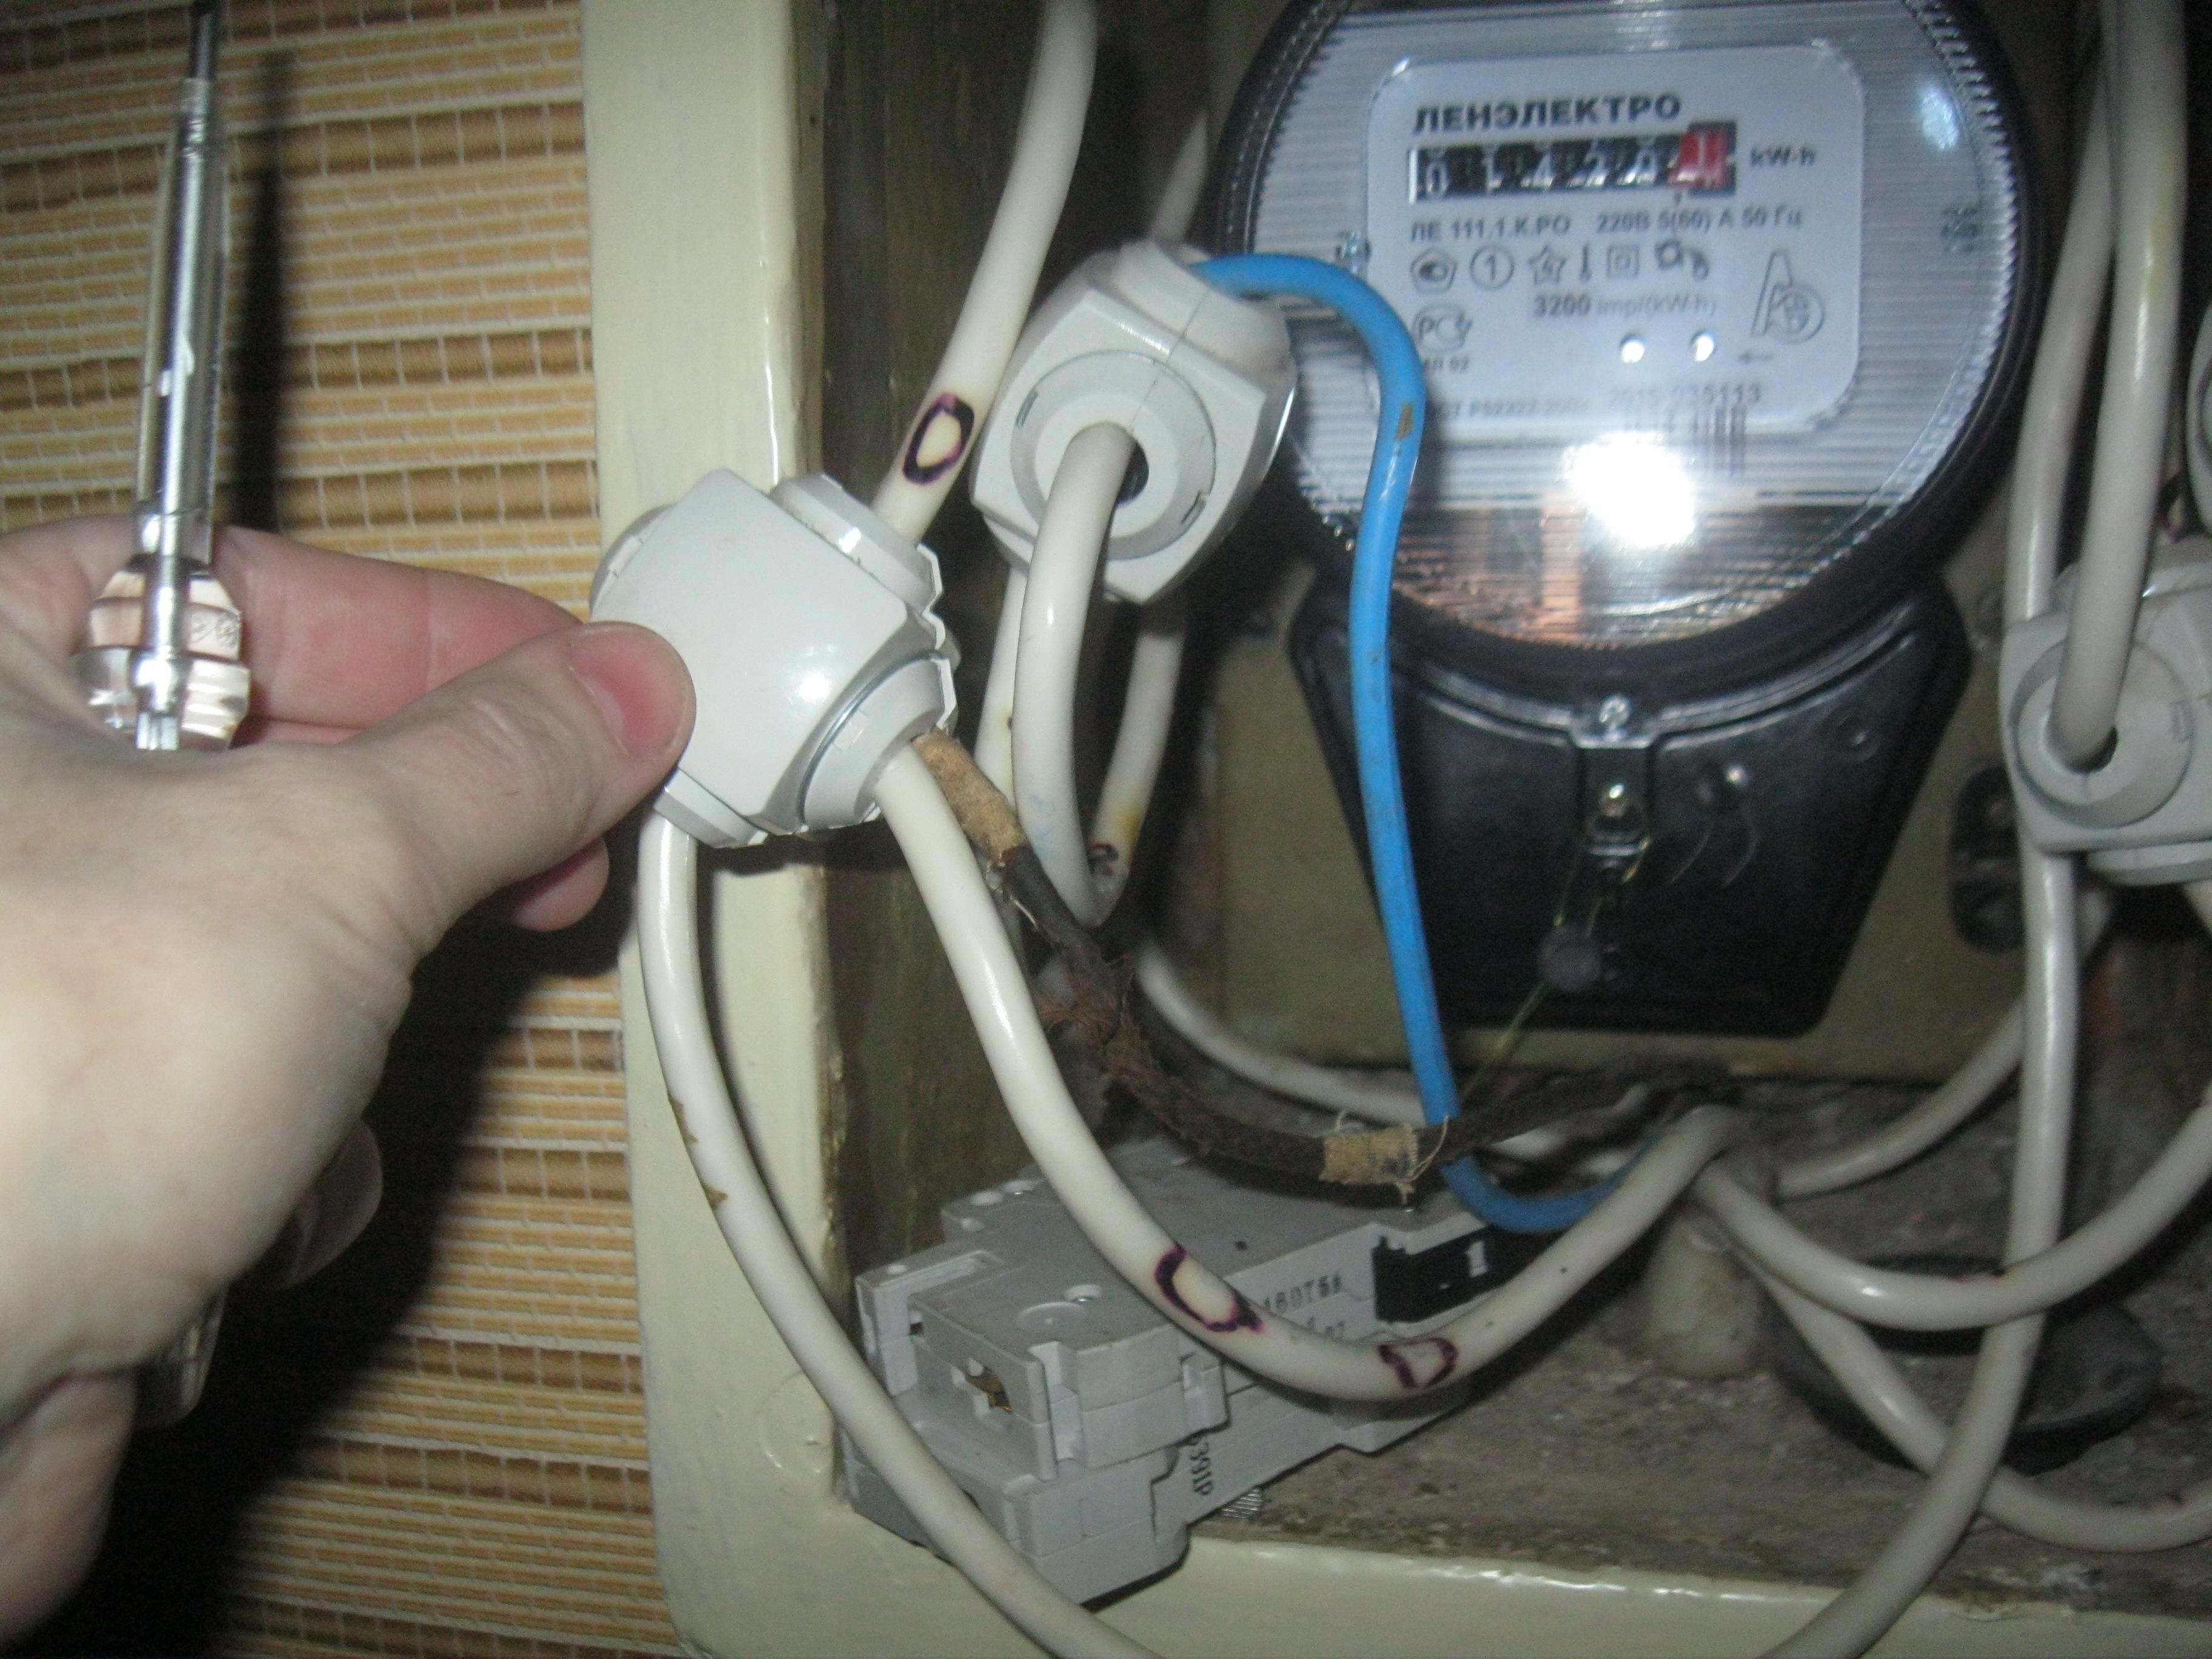 Стрельнинский орешник— очень грубое, некрасивое решение, применённое при замене стояков электроснабжения.